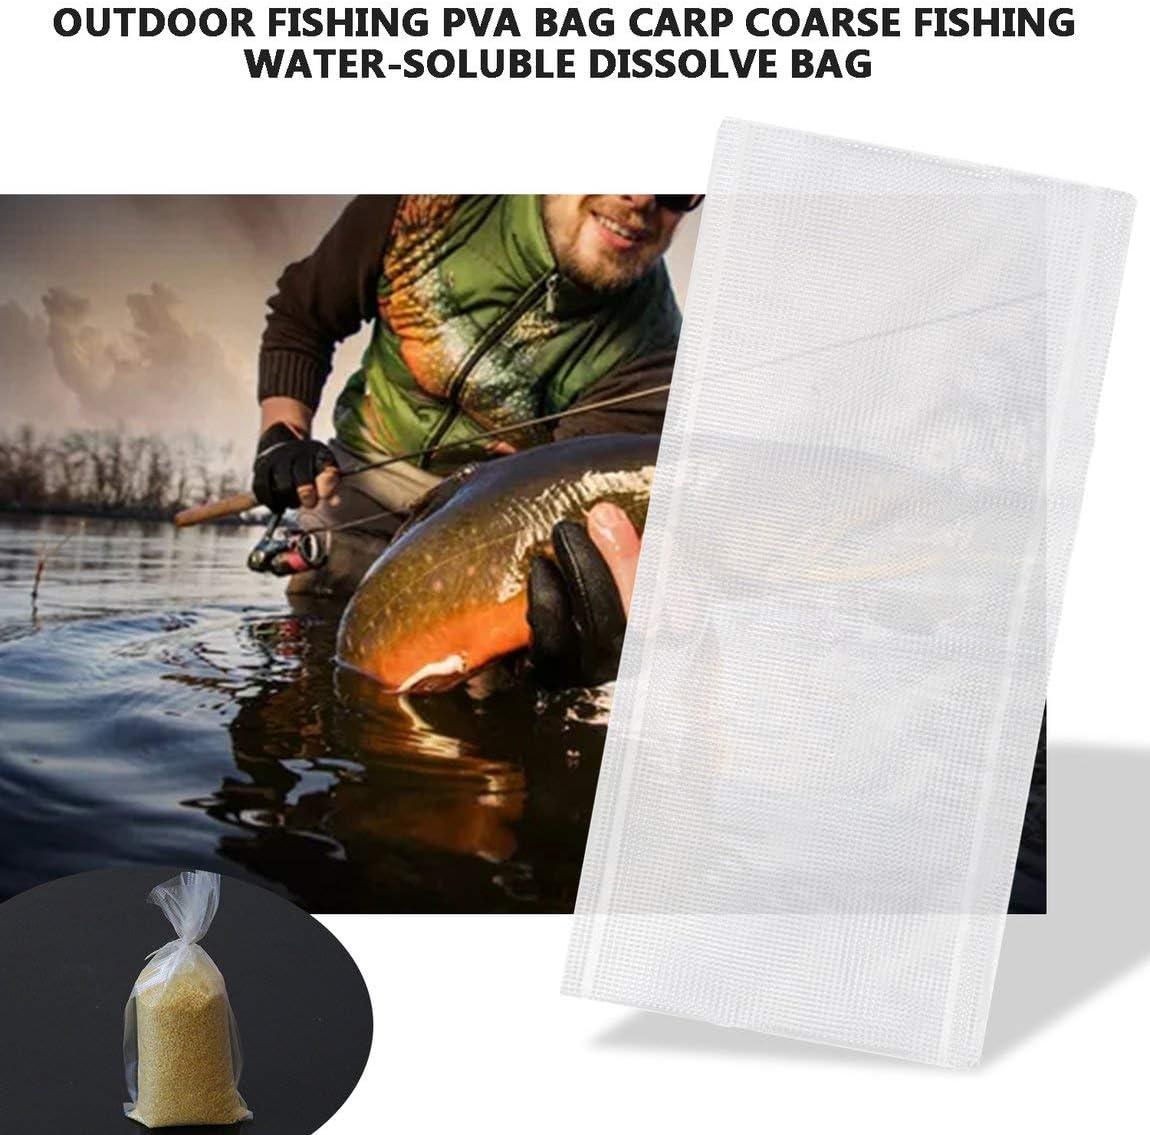 PVA Taschen 20 PVA Schnur Wasser Auflösung Karpfenangeln Material Feeder ZP